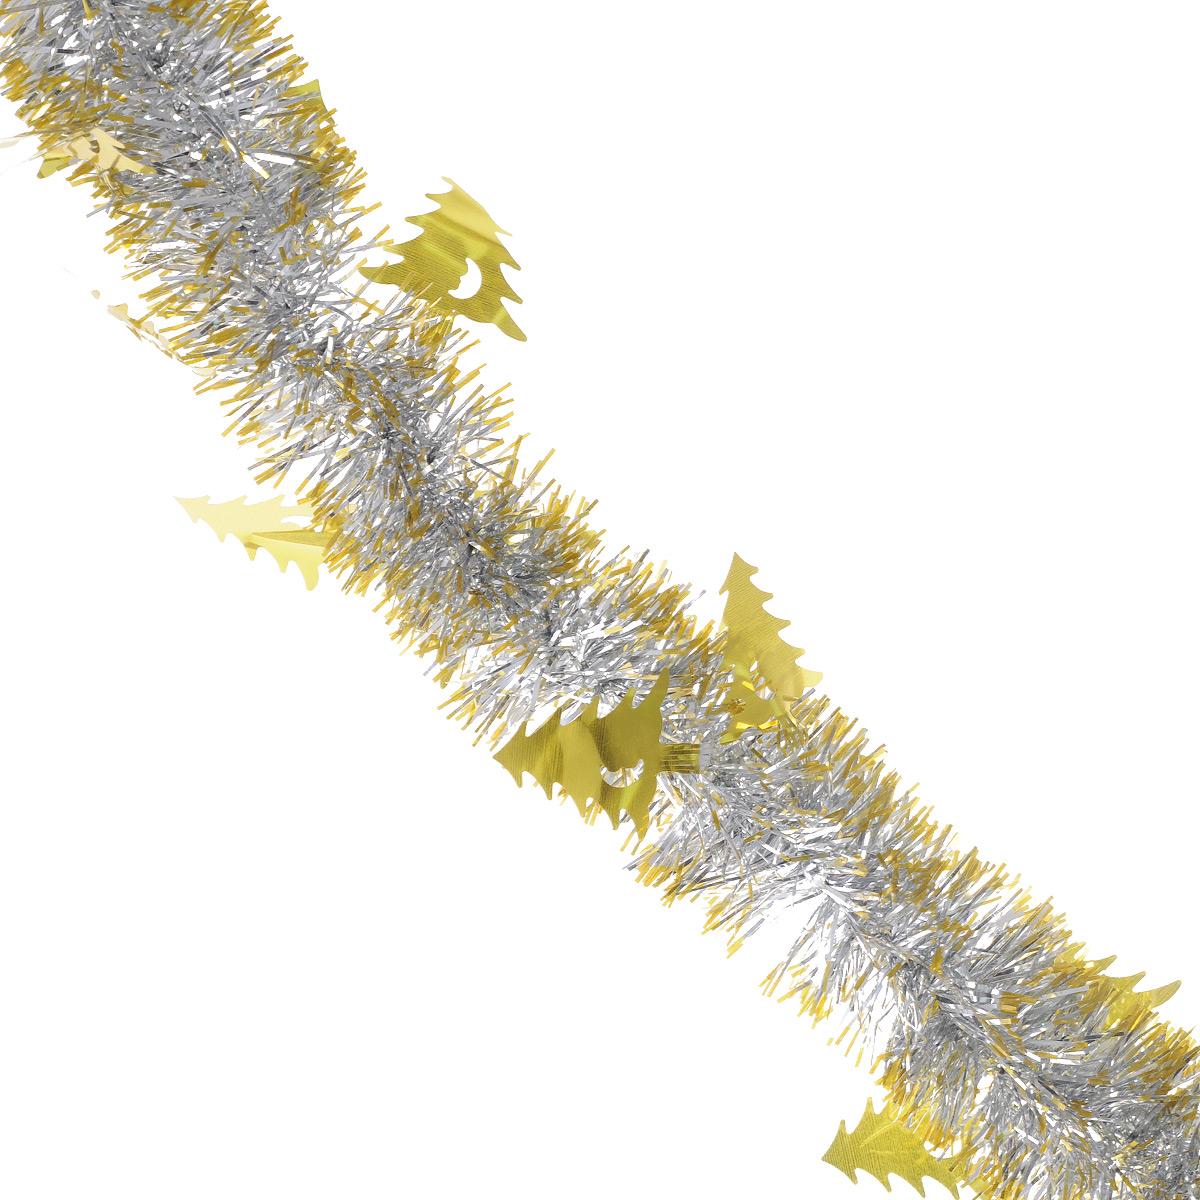 Мишура новогодняя Sima-land, цвет: золотистый, серебристый, диаметр 5 см, длина 2 м. 702614702614Новогодняя мишура Sima-land, выполненная из фольги, поможет вам украсить свой дом к предстоящим праздникам. А новогодняя елка с таким украшением станет еще наряднее. Мишура армирована, то есть имеет проволоку внутри и способна сохранять приданную ей форму.Новогодней мишурой можно украсить все, что угодно - елку, квартиру, дачу, офис - как внутри, так и снаружи. Можно сложить новогодние поздравления, буквы и цифры, мишурой можно украсить и дополнить гирлянды, можно выделить дверные колонны, оплести дверные проемы. Коллекция декоративных украшений из серии Зимнее волшебство принесет в ваш дом ни с чем несравнимое ощущение праздника! Создайте в своем доме атмосферу тепла, веселья и радости, украшая его всей семьей.